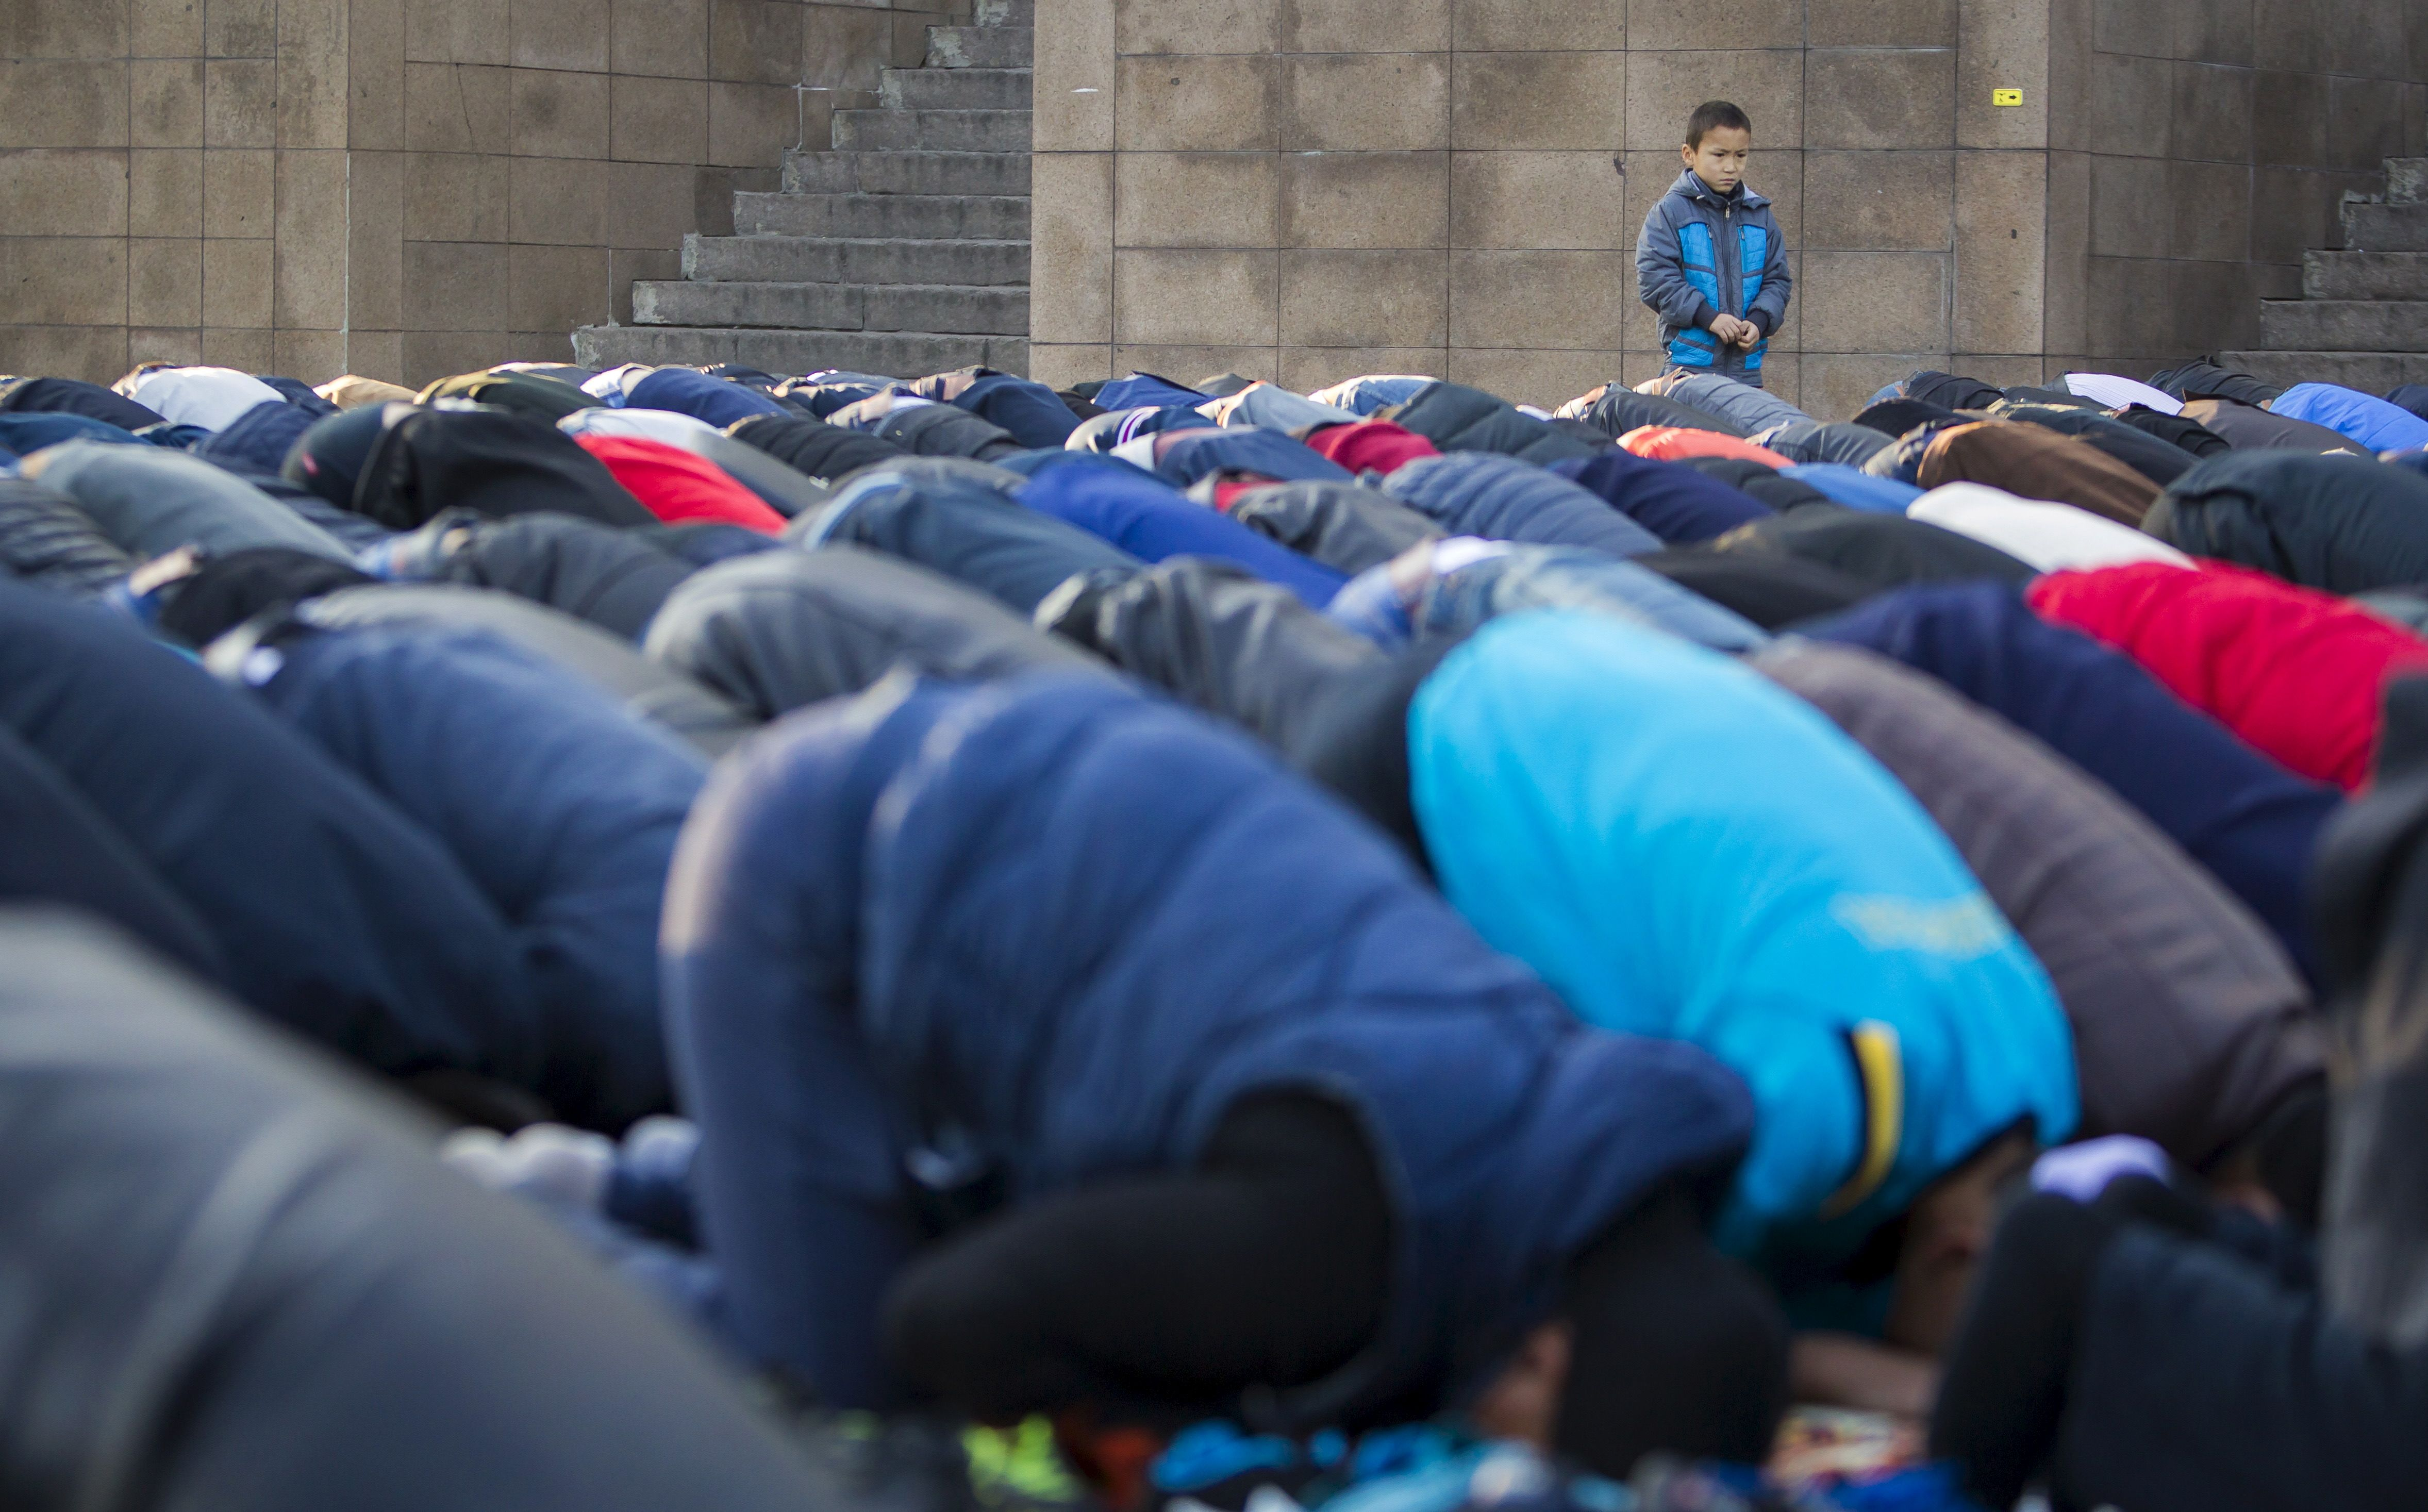 La forte baisse des actes anti-musulmans sera-t-elle suffisante pour mettre un terme à la culpabilisation qui empoisonne les débats sur l'islam en France ?